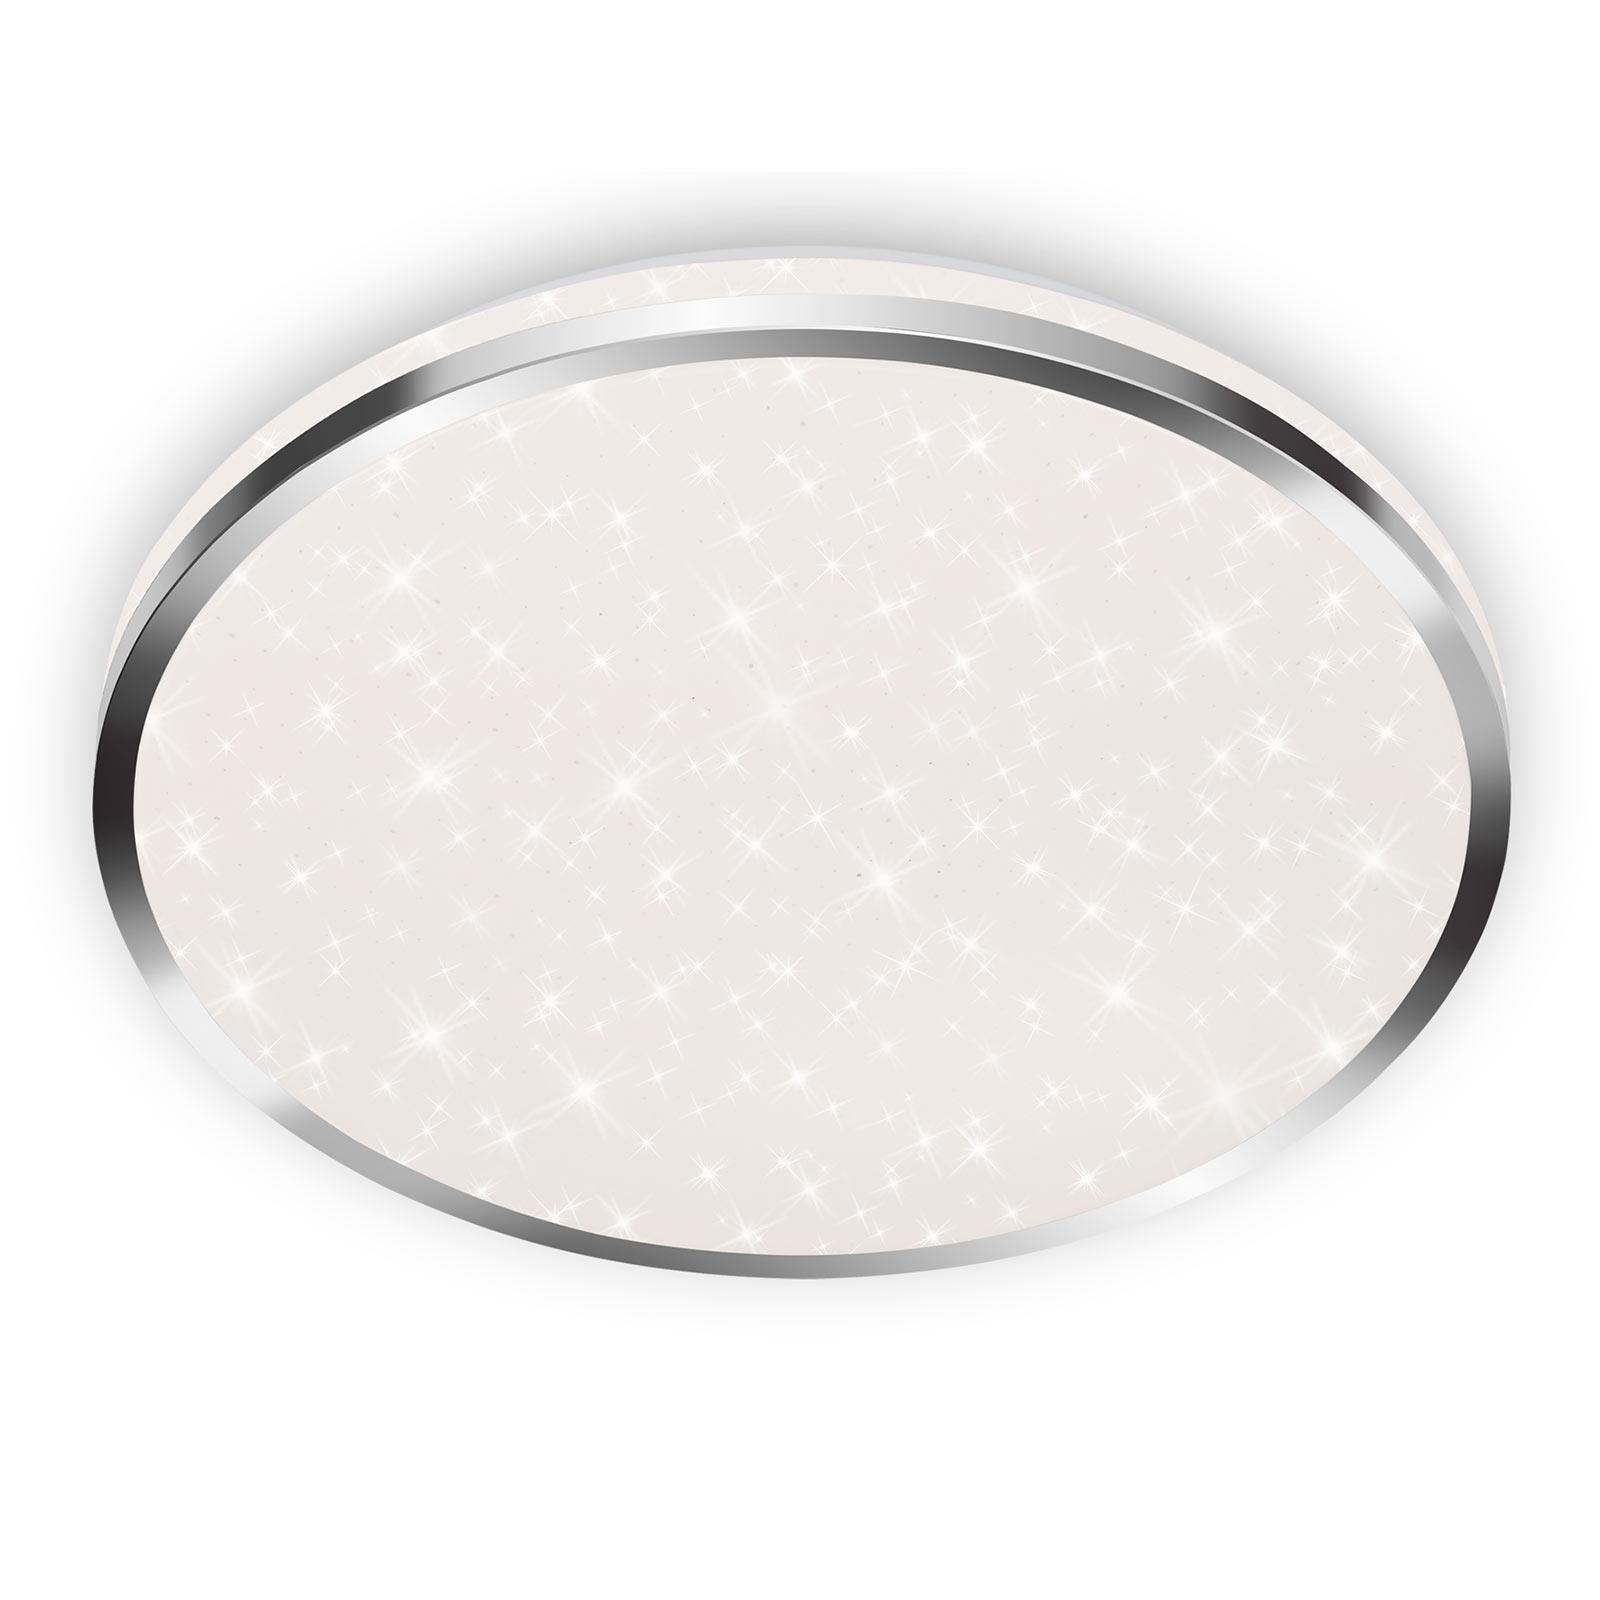 LED-taklampe 3403 IP44 stjernedekor, Ø 33 cm